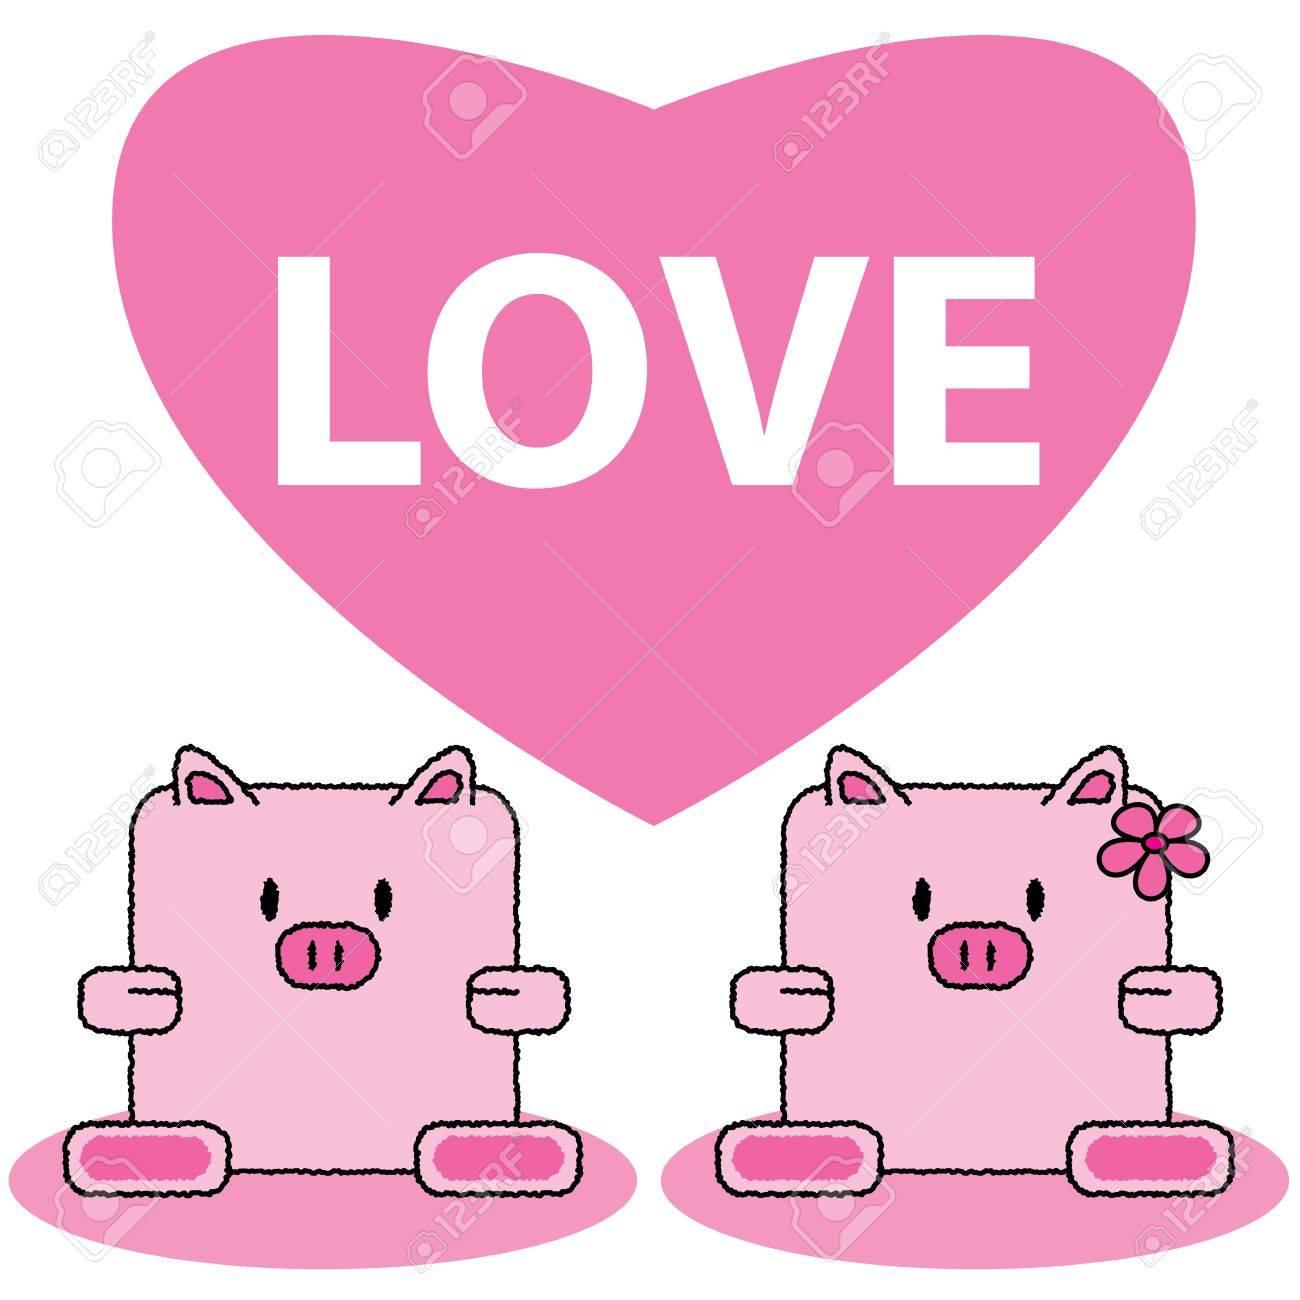 カップル豚かわいい漫画ベクトル イラストの恋のイラスト素材ベクタ